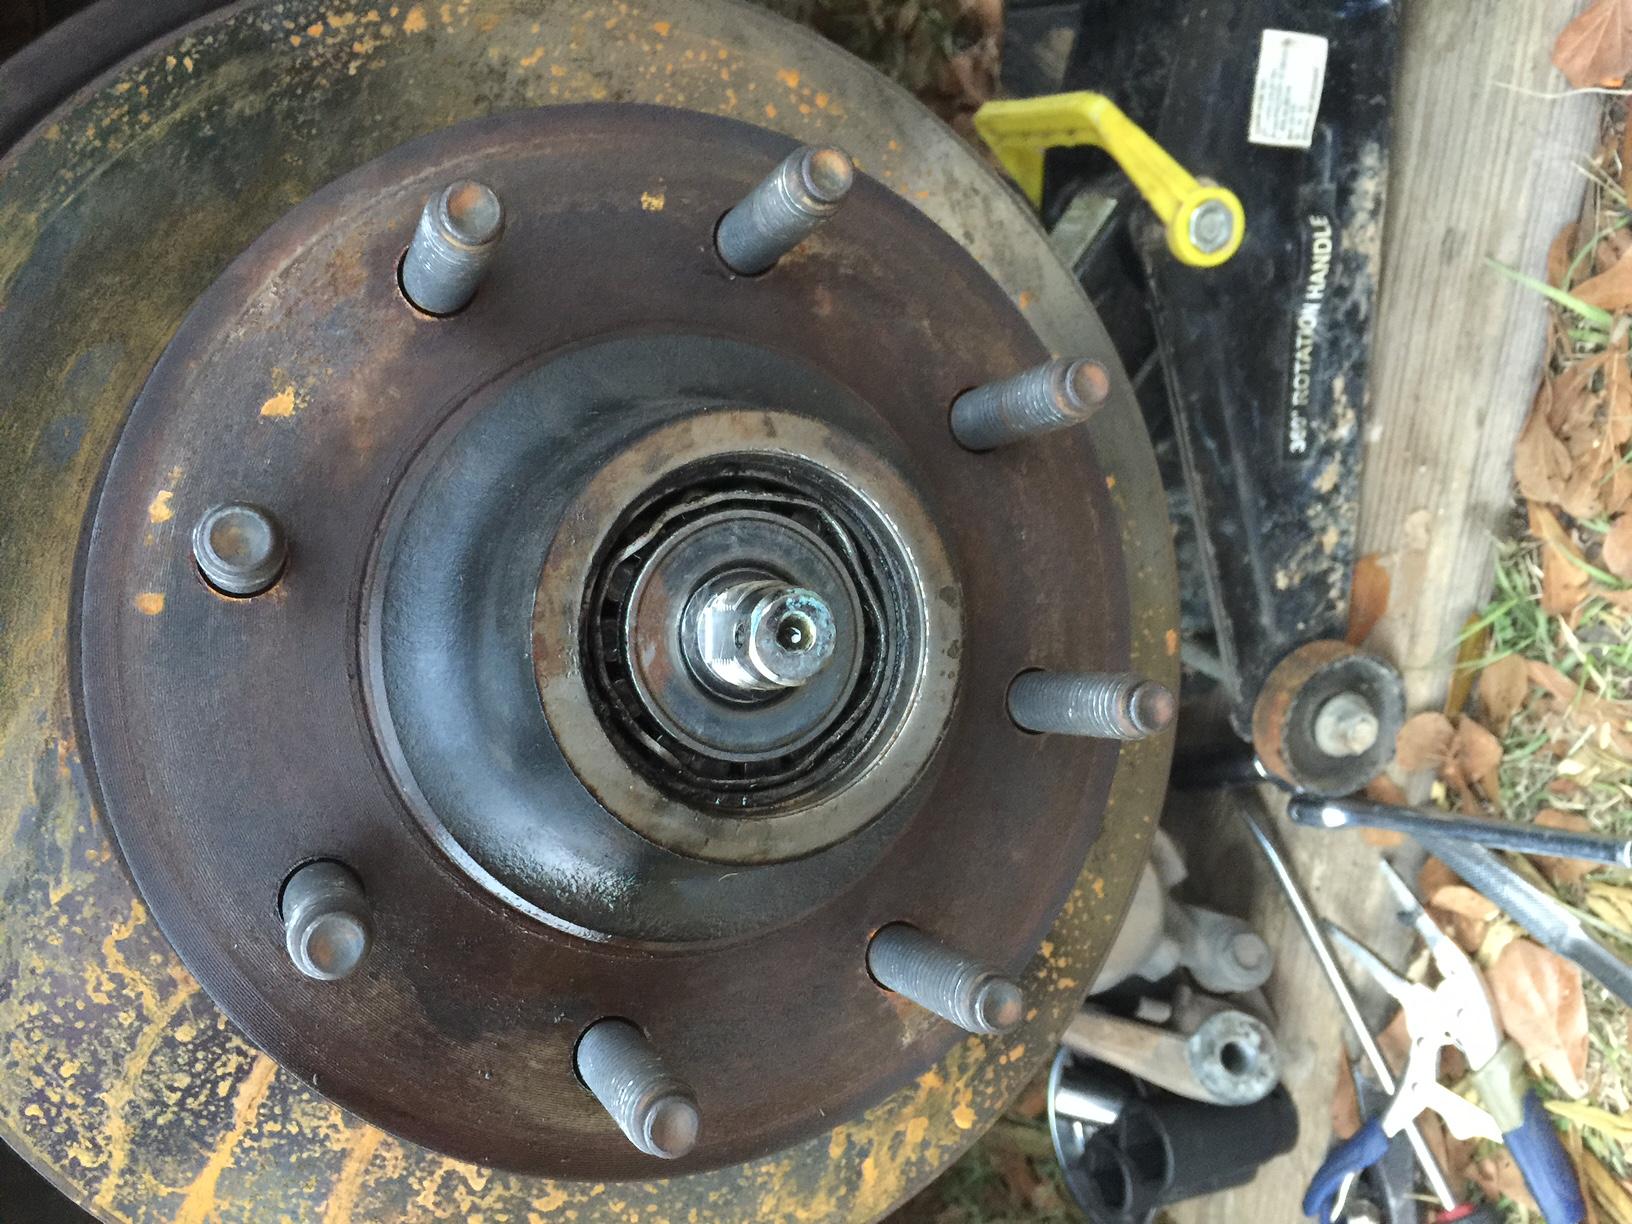 2wd front wheel bearings - Diesel Forum - TheDieselStop com